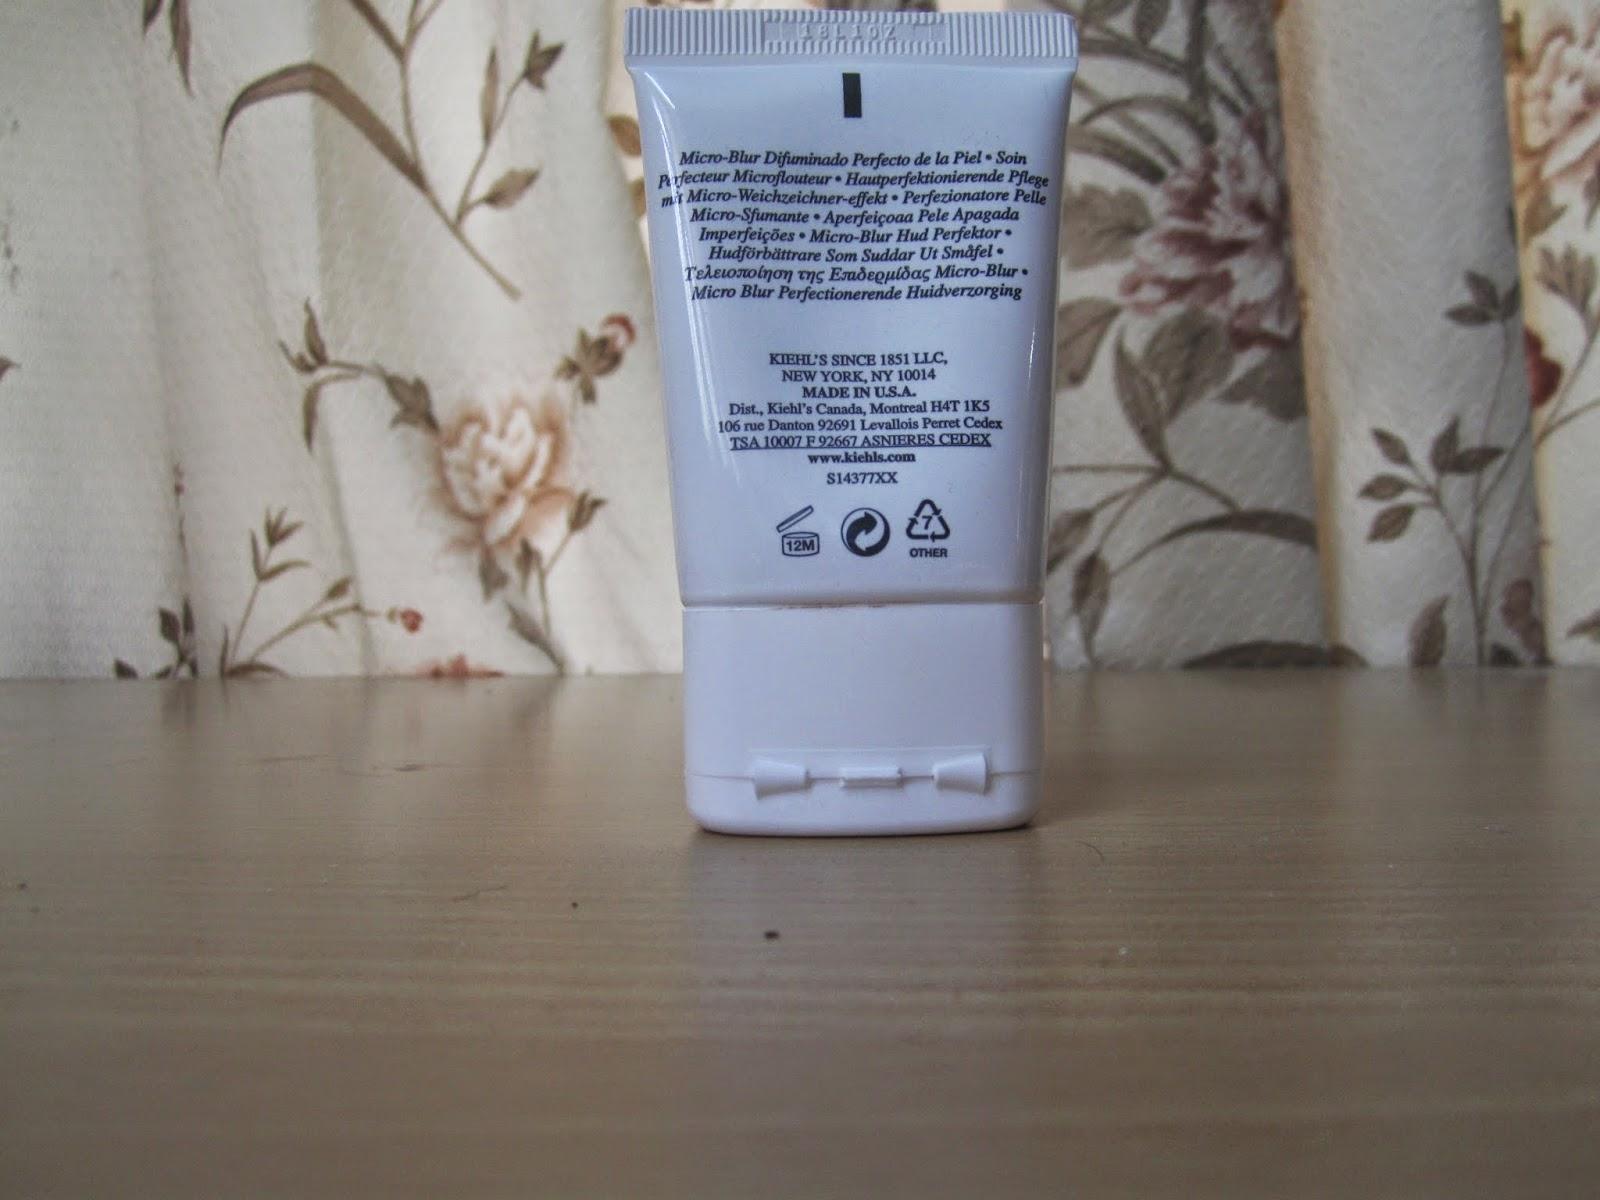 Kiehl's Micro-Blur Skin Perfector